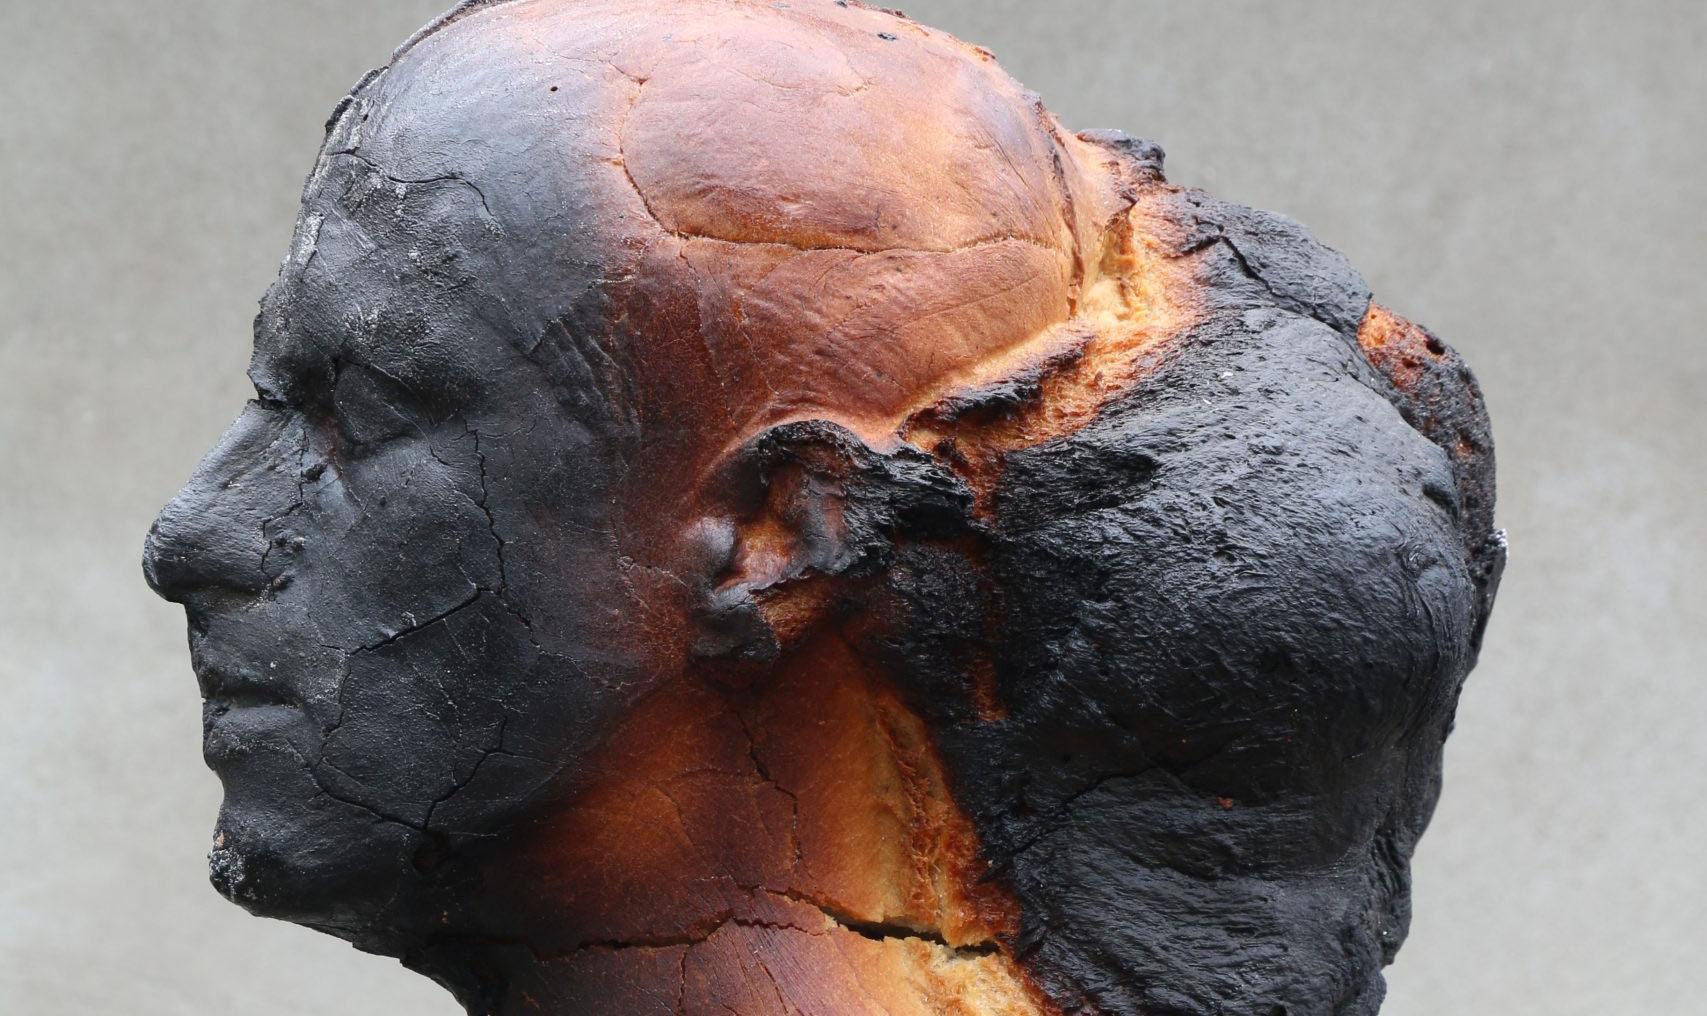 Hamlet – Teodora Castellucci / Dewey Dell. Photo & sculpture: © Matteo Lucca. Das gebackene Brot in Form einer männlichen Skulptur ist in Seitenansicht aufgenommen, wobei das verbrannt-schwarze Gesichtsprofil genau zu erkennen ist. Dahinter wölbt sich eine schwarze Masse aus dem Hinterkopf